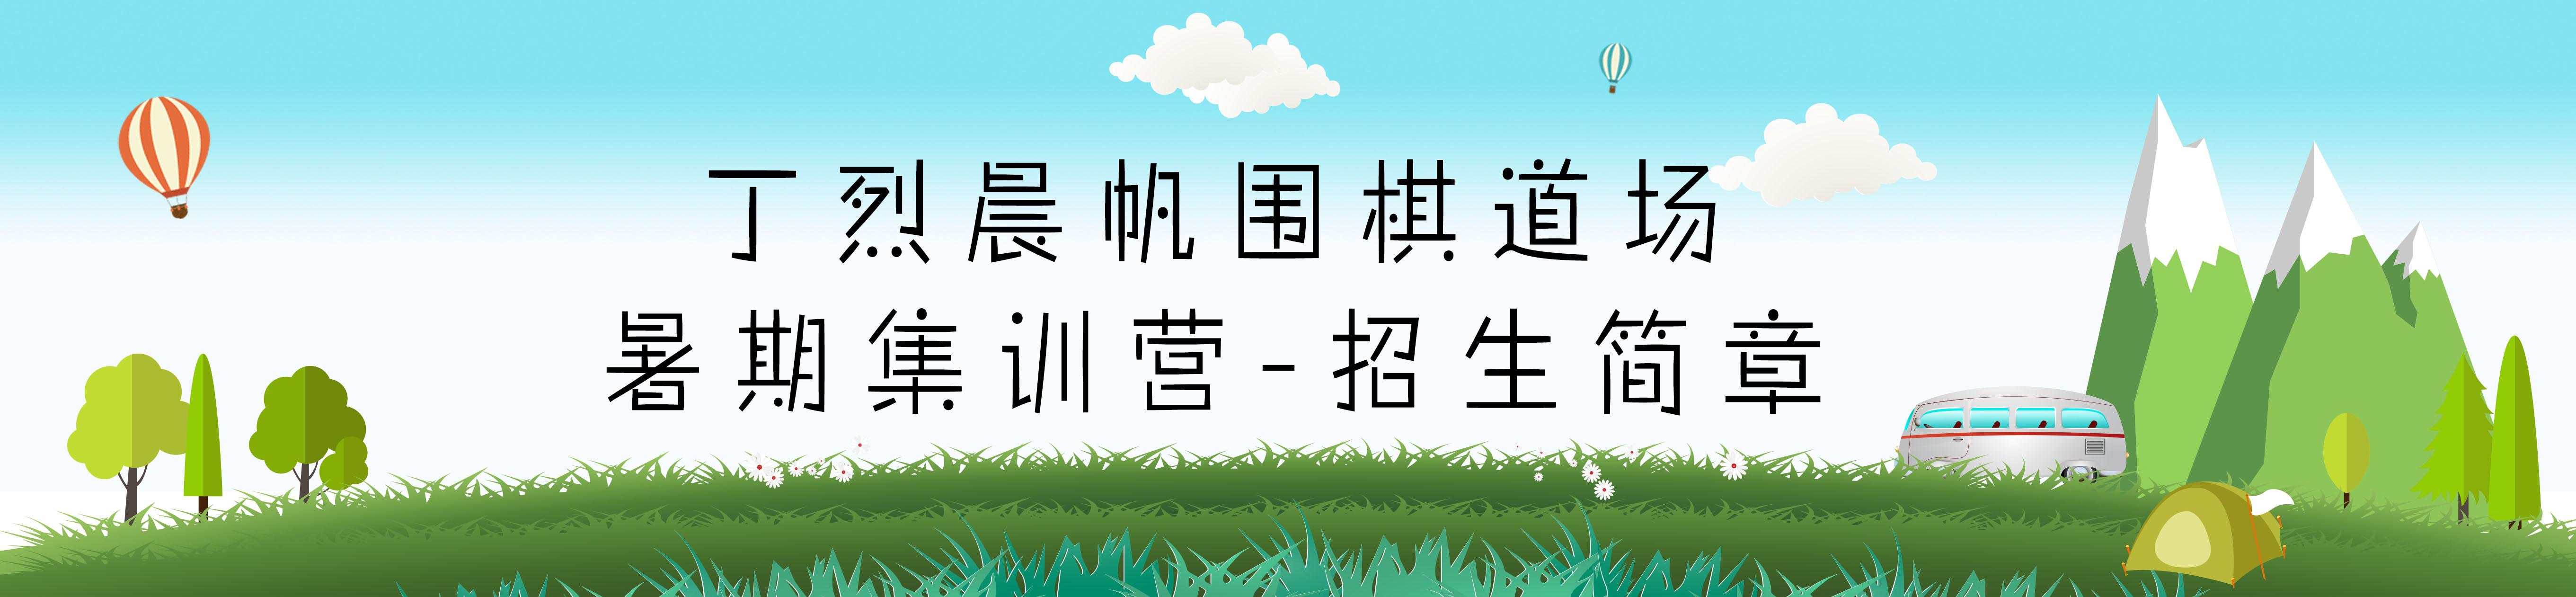 丁道2019-暑期集训营-招生简章